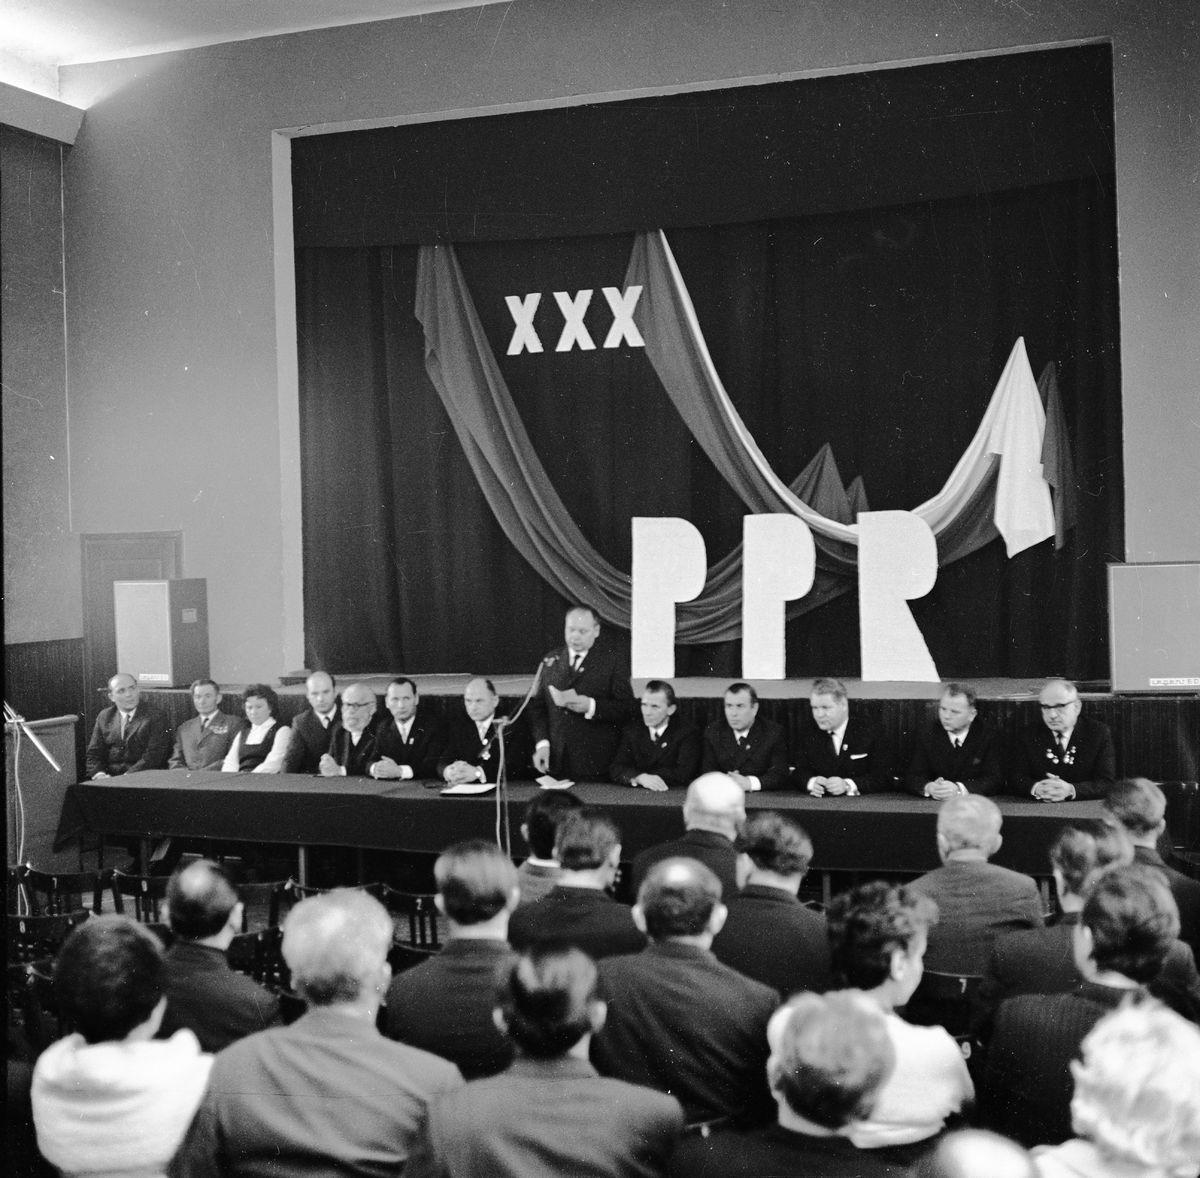 Obchody 30-lecia PPR w PDK, 1972 r. [5]